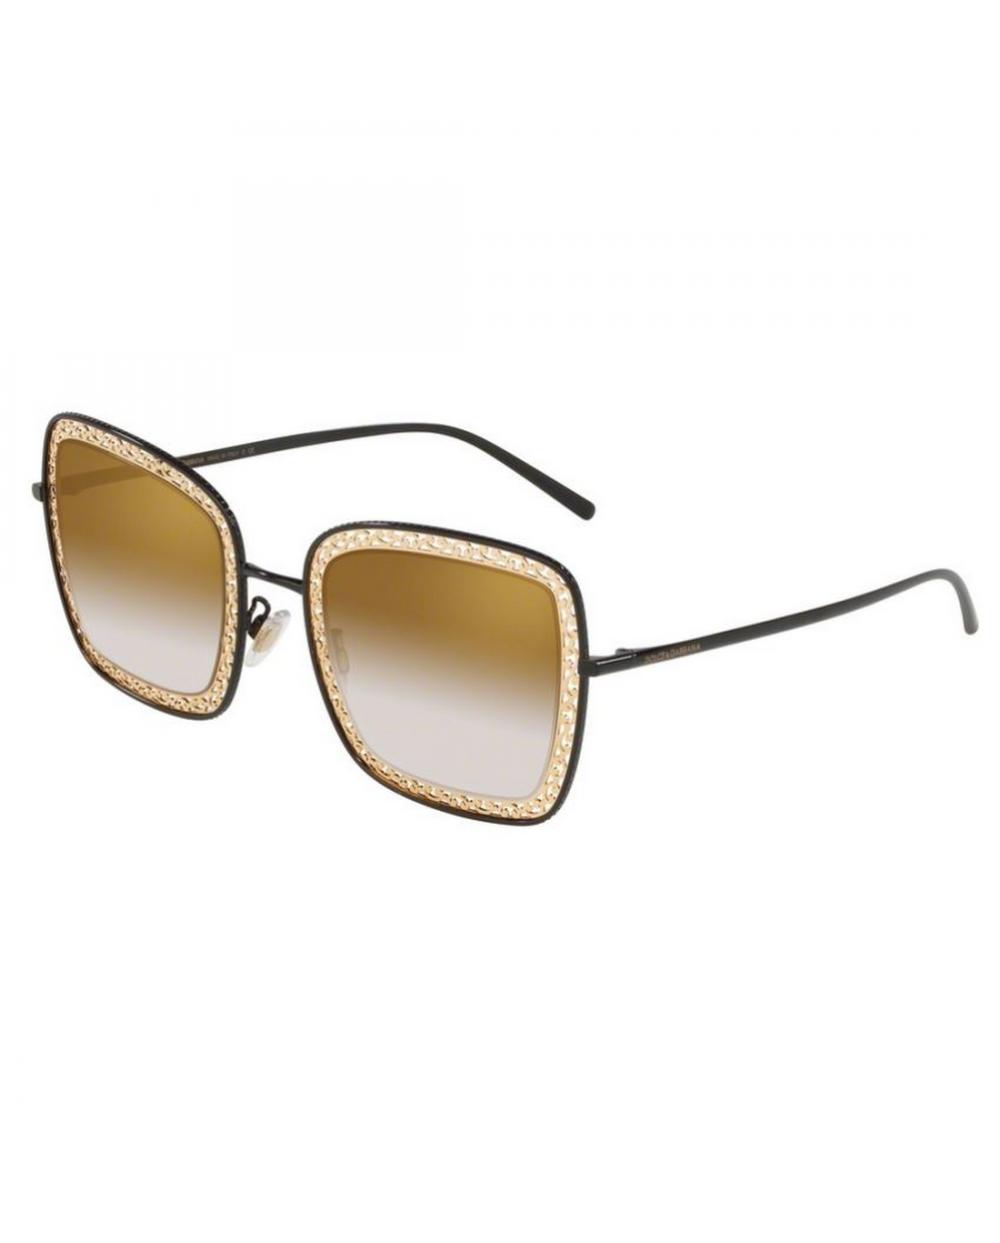 Sonnenbrille Dolce&gabbana DG 2225 originalverpackung garantie italien